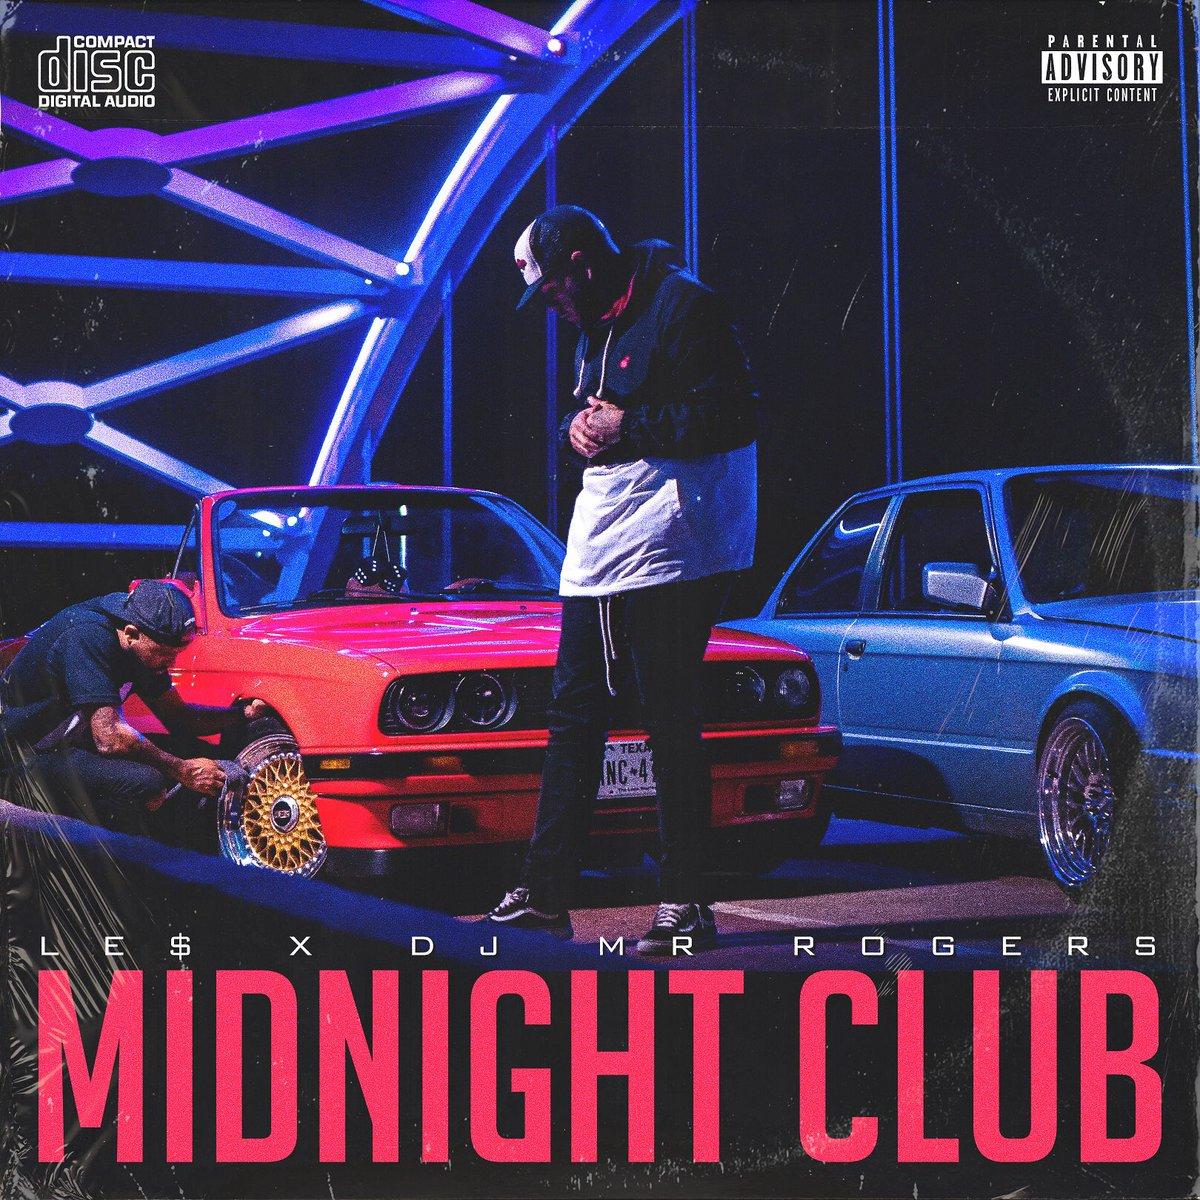 Le$ Midnight Club